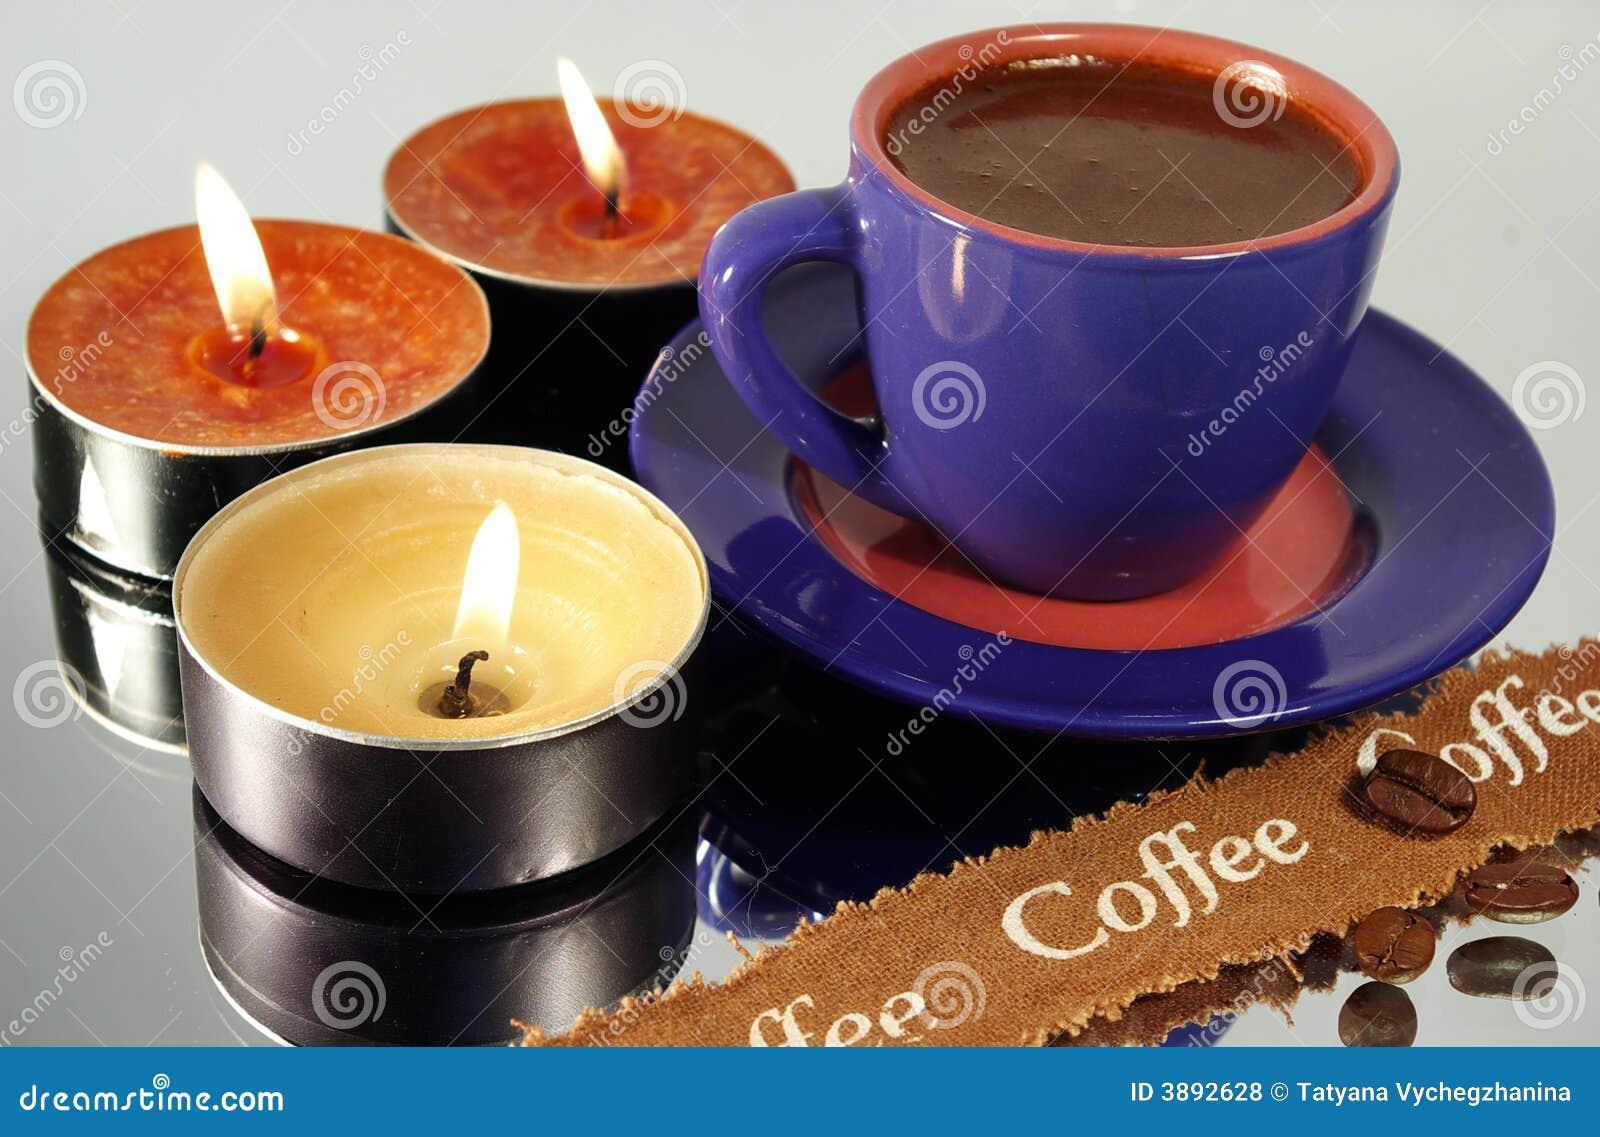 Tazza di caffè e candele